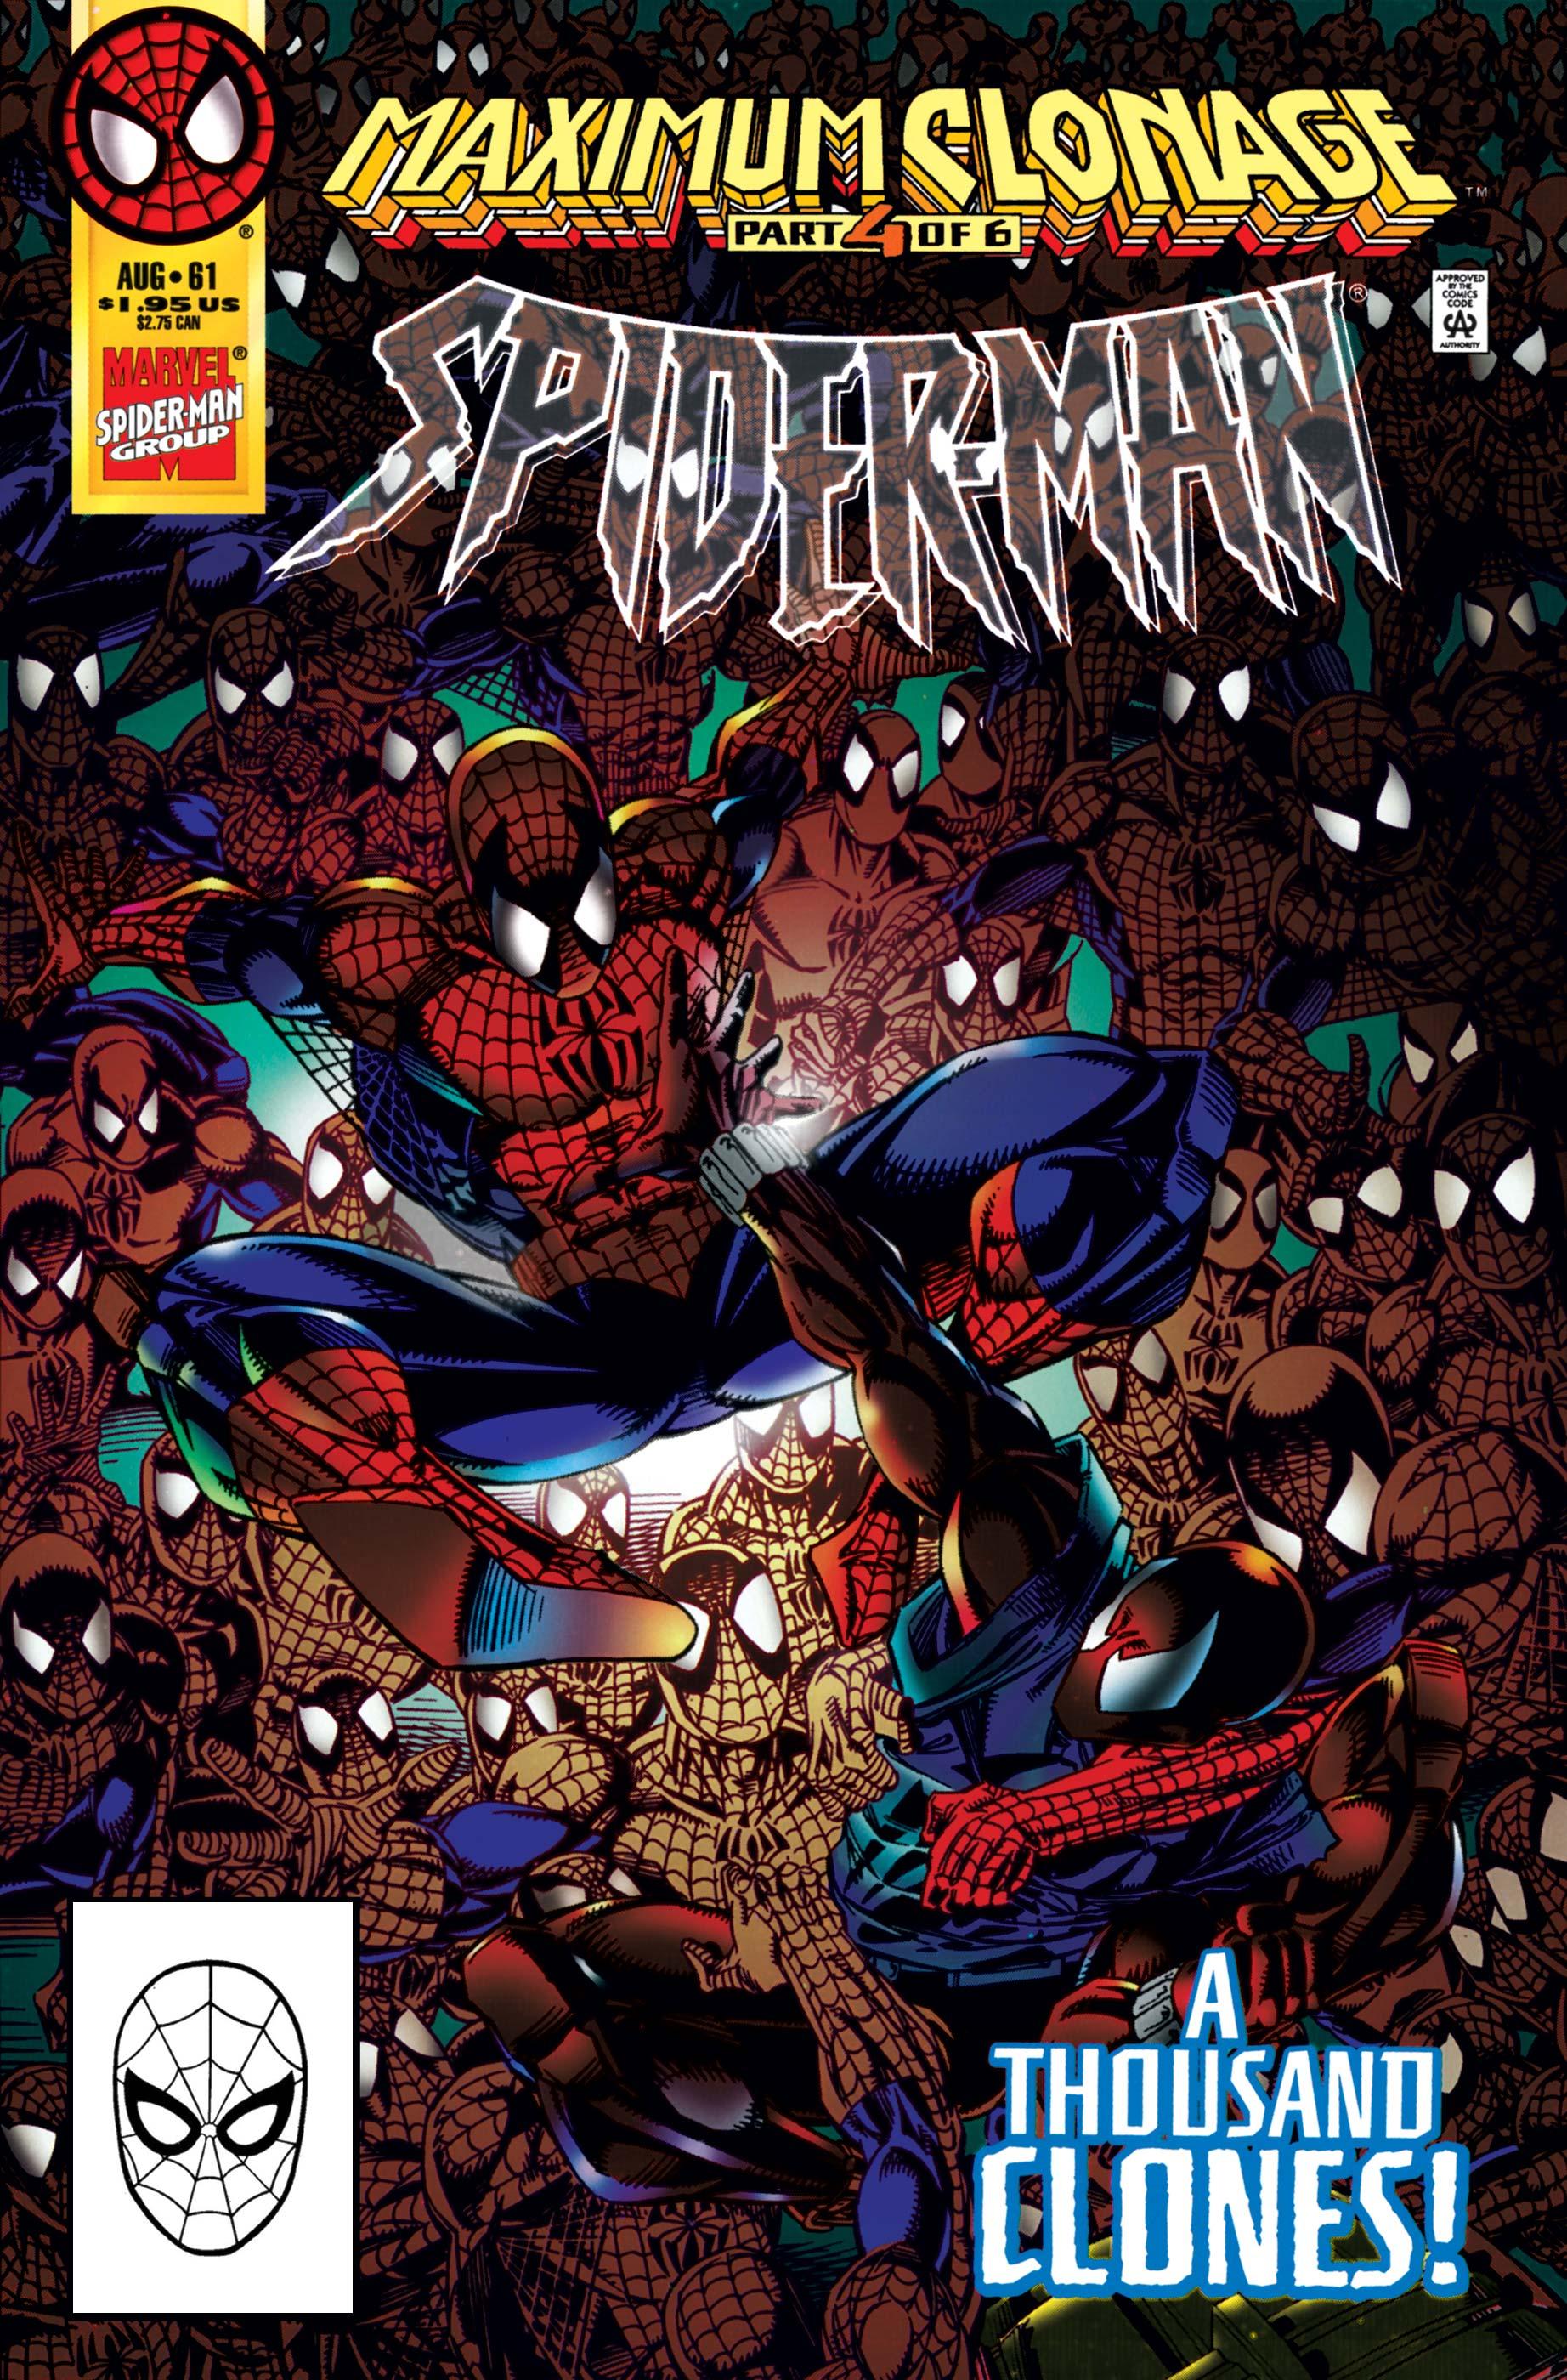 Spider-Man (1990) #61